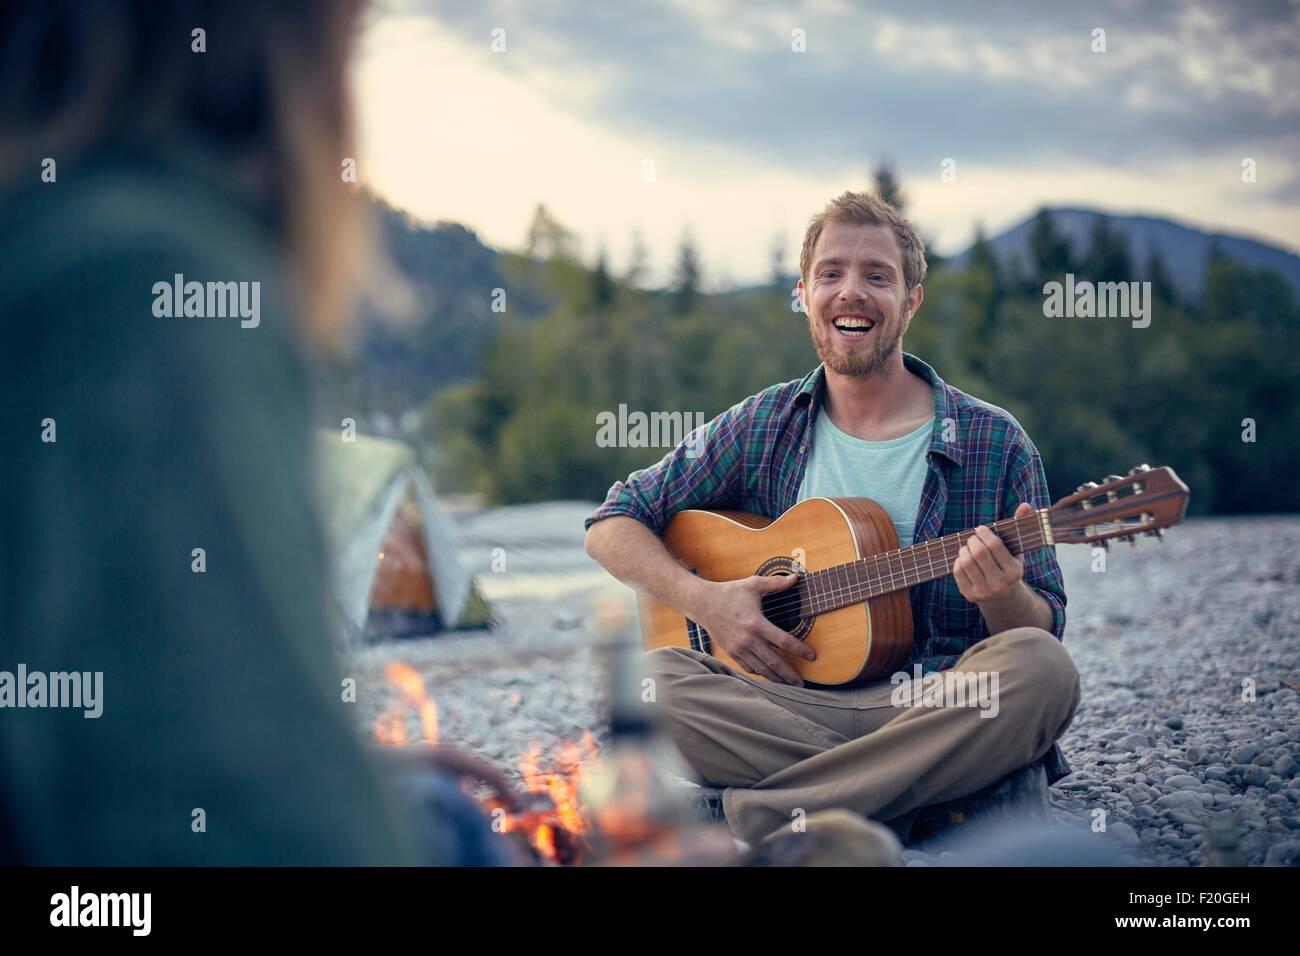 Vorderansicht der junge Mann sitzt am Lagerfeuer Gitarre spielen Stockbild